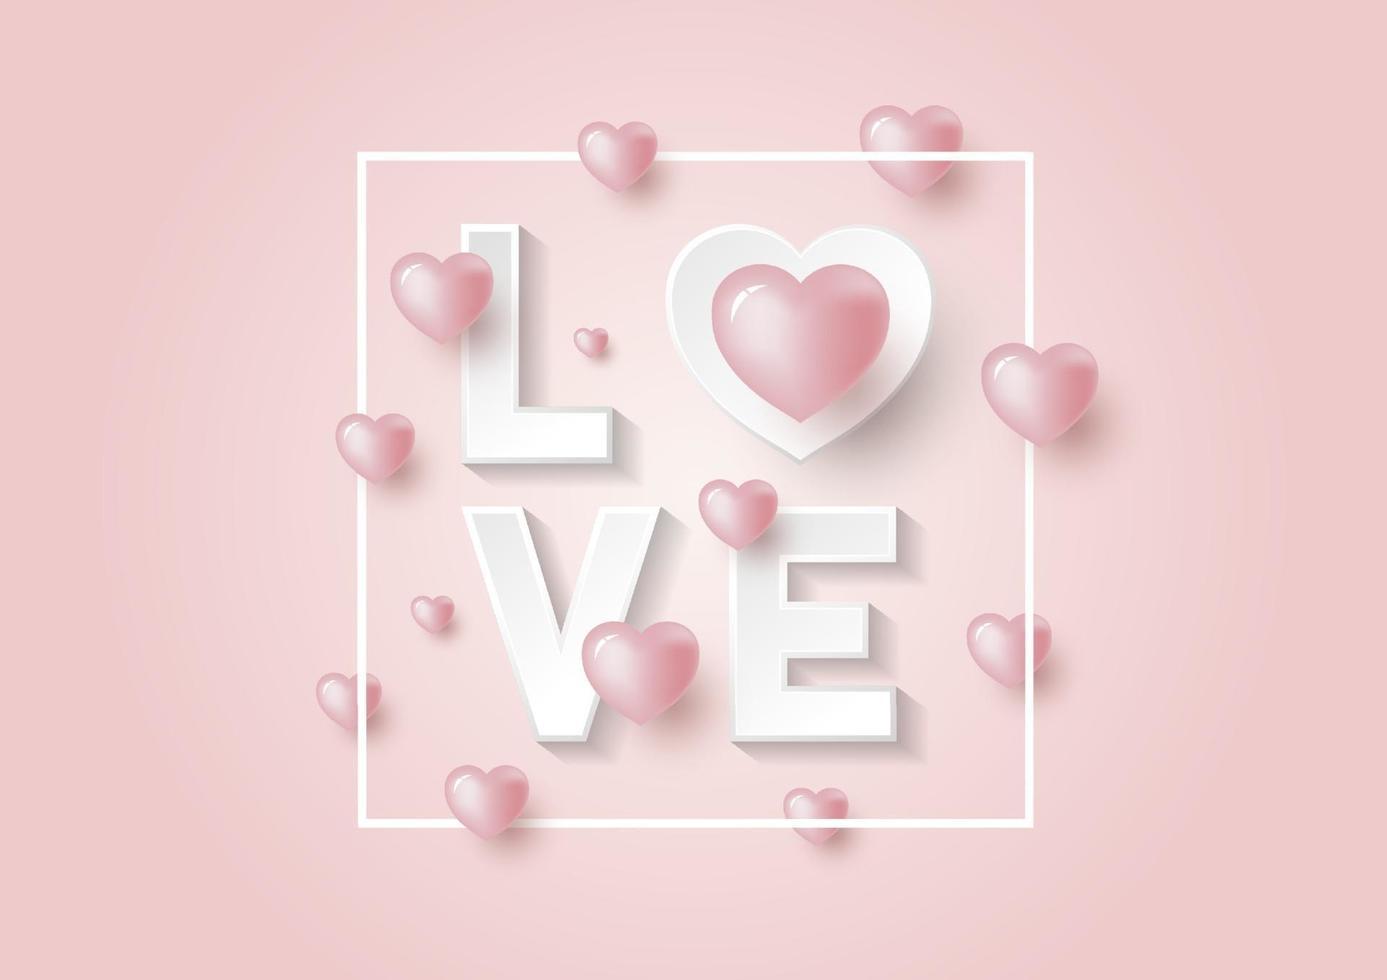 Diseño 3d de amor y corazones sobre fondo rosa para el día de San Valentín y la ilustración de vector de tarjeta de boda